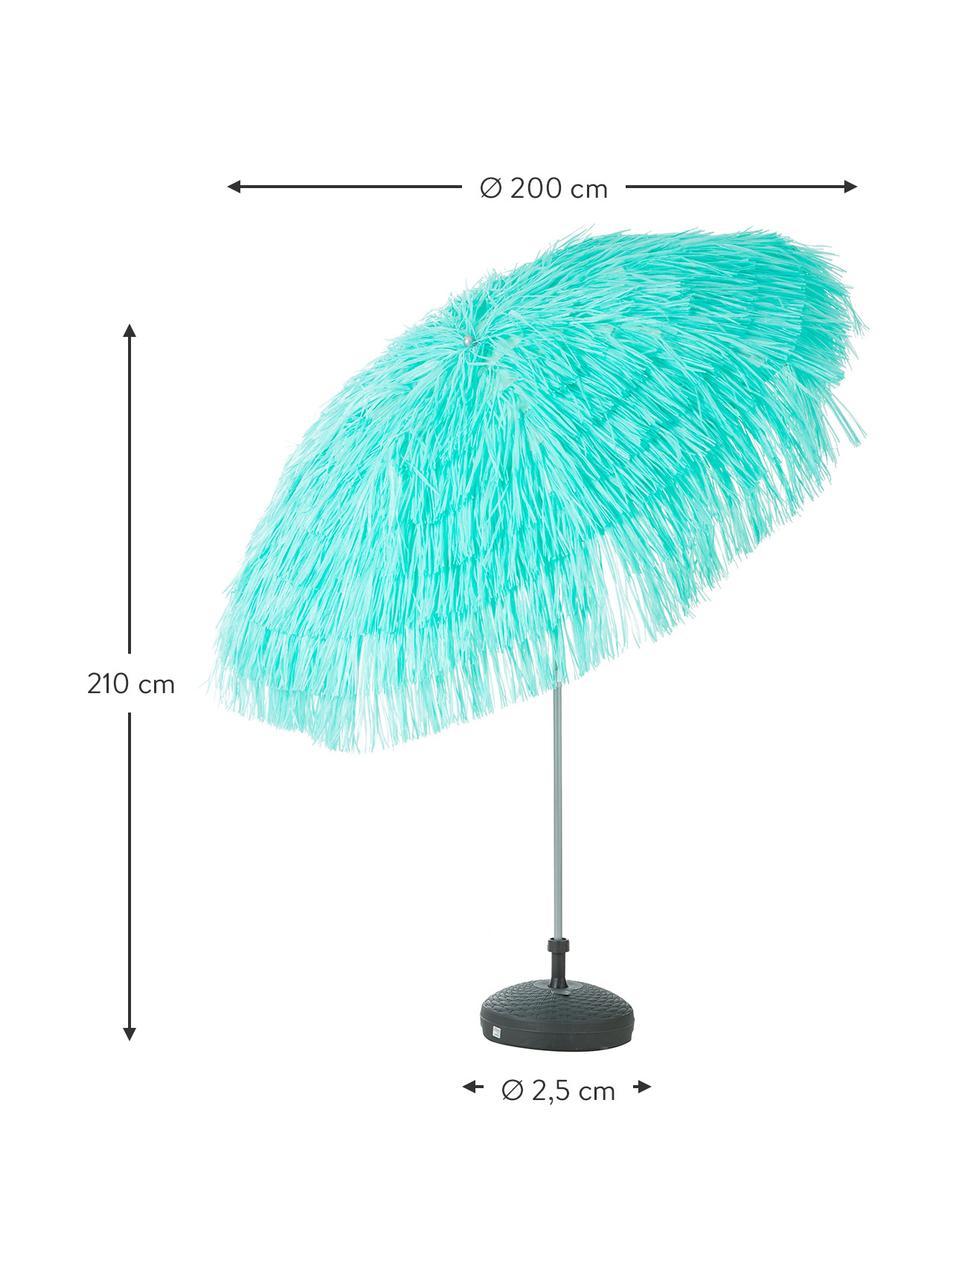 Sonnenschirm Hawaii in Türkis mit Fransen, Ø 200 cm, Türkis, Ø 200 x H 210 cm